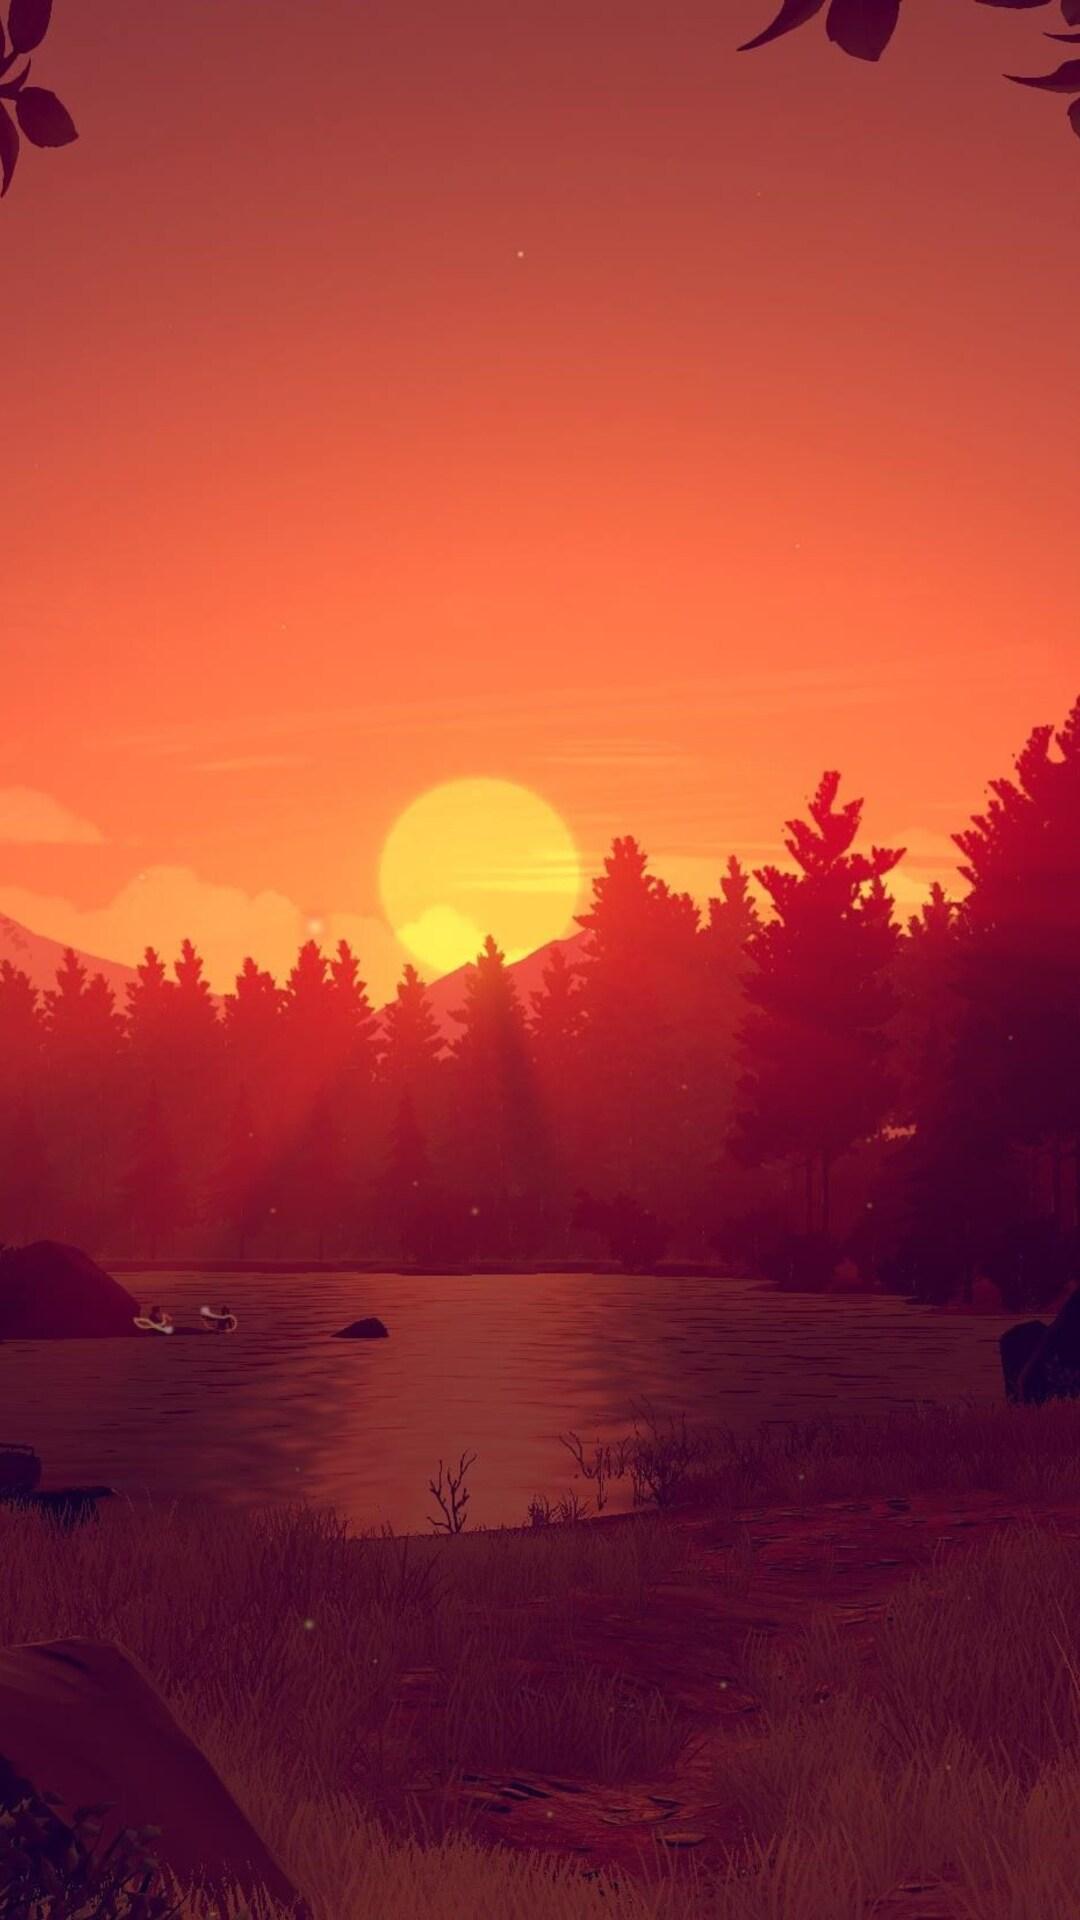 firewatch-game-sunset-wallpaper.jpg